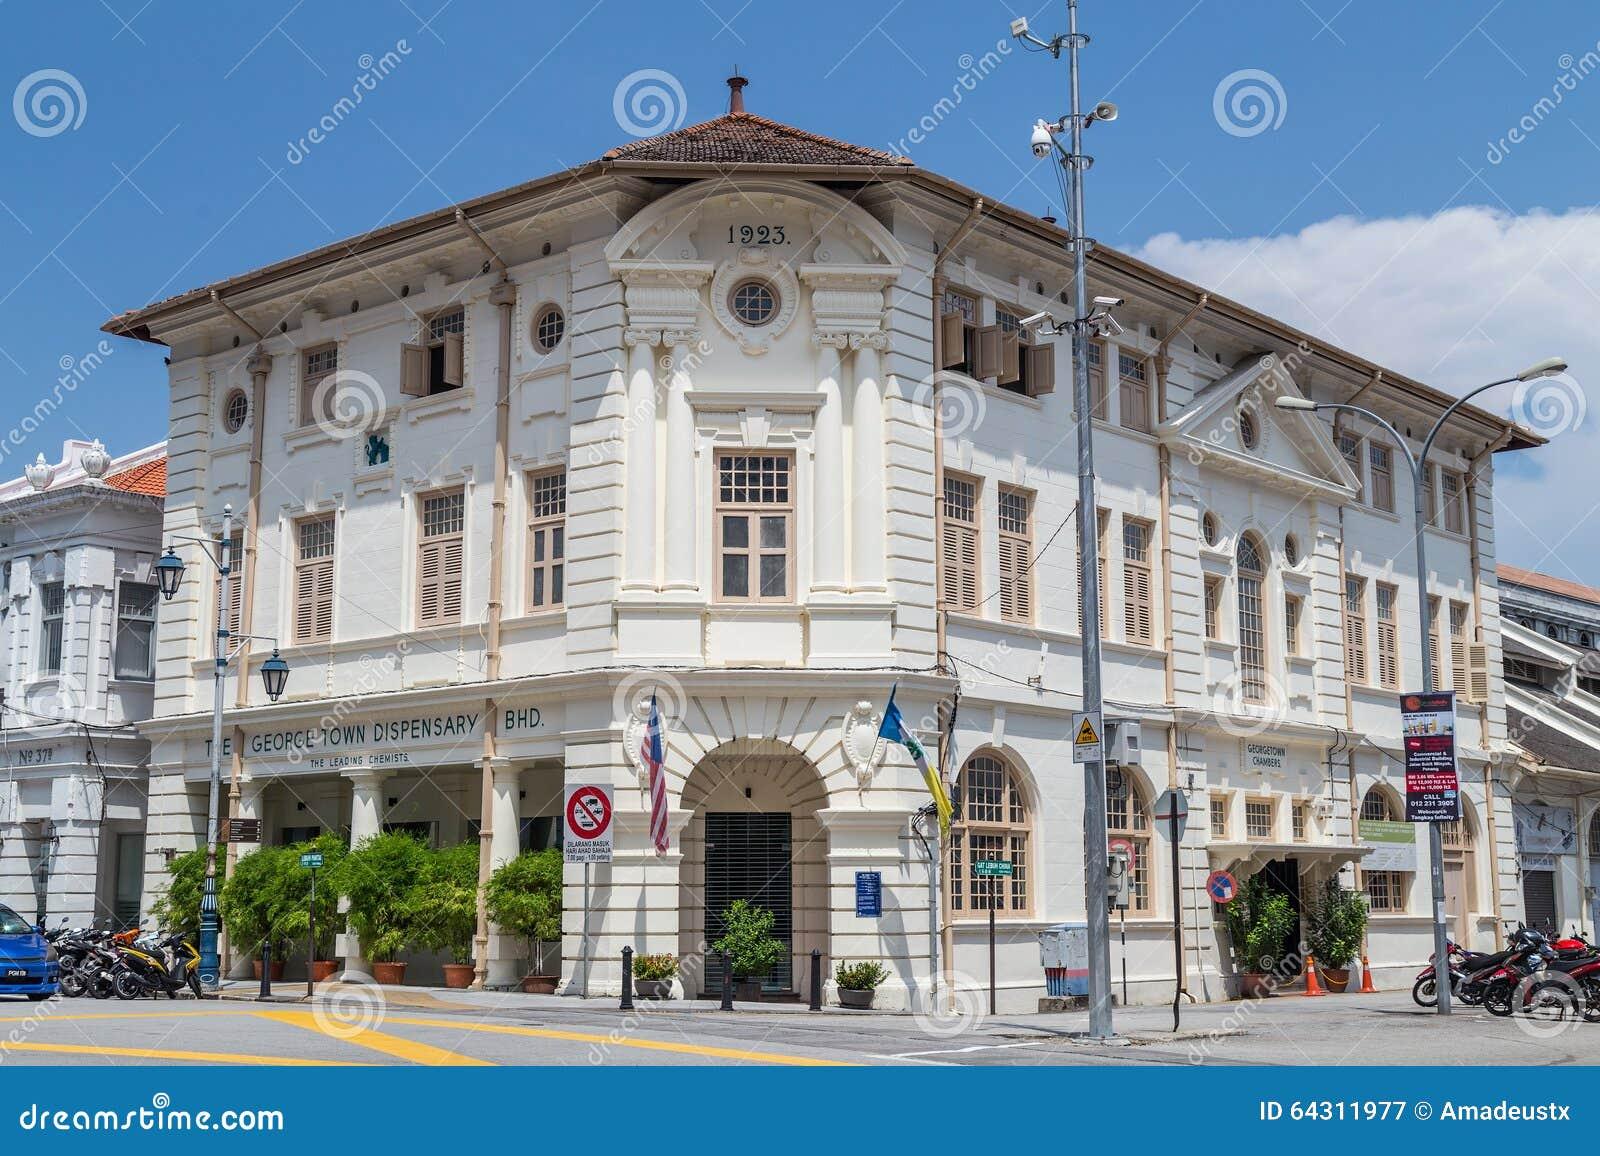 Джорджтаун, Penang/Малайзия - около октябрь 2015: Великобританское колониальное здание в Джорджтауне, Penang, Малайзии